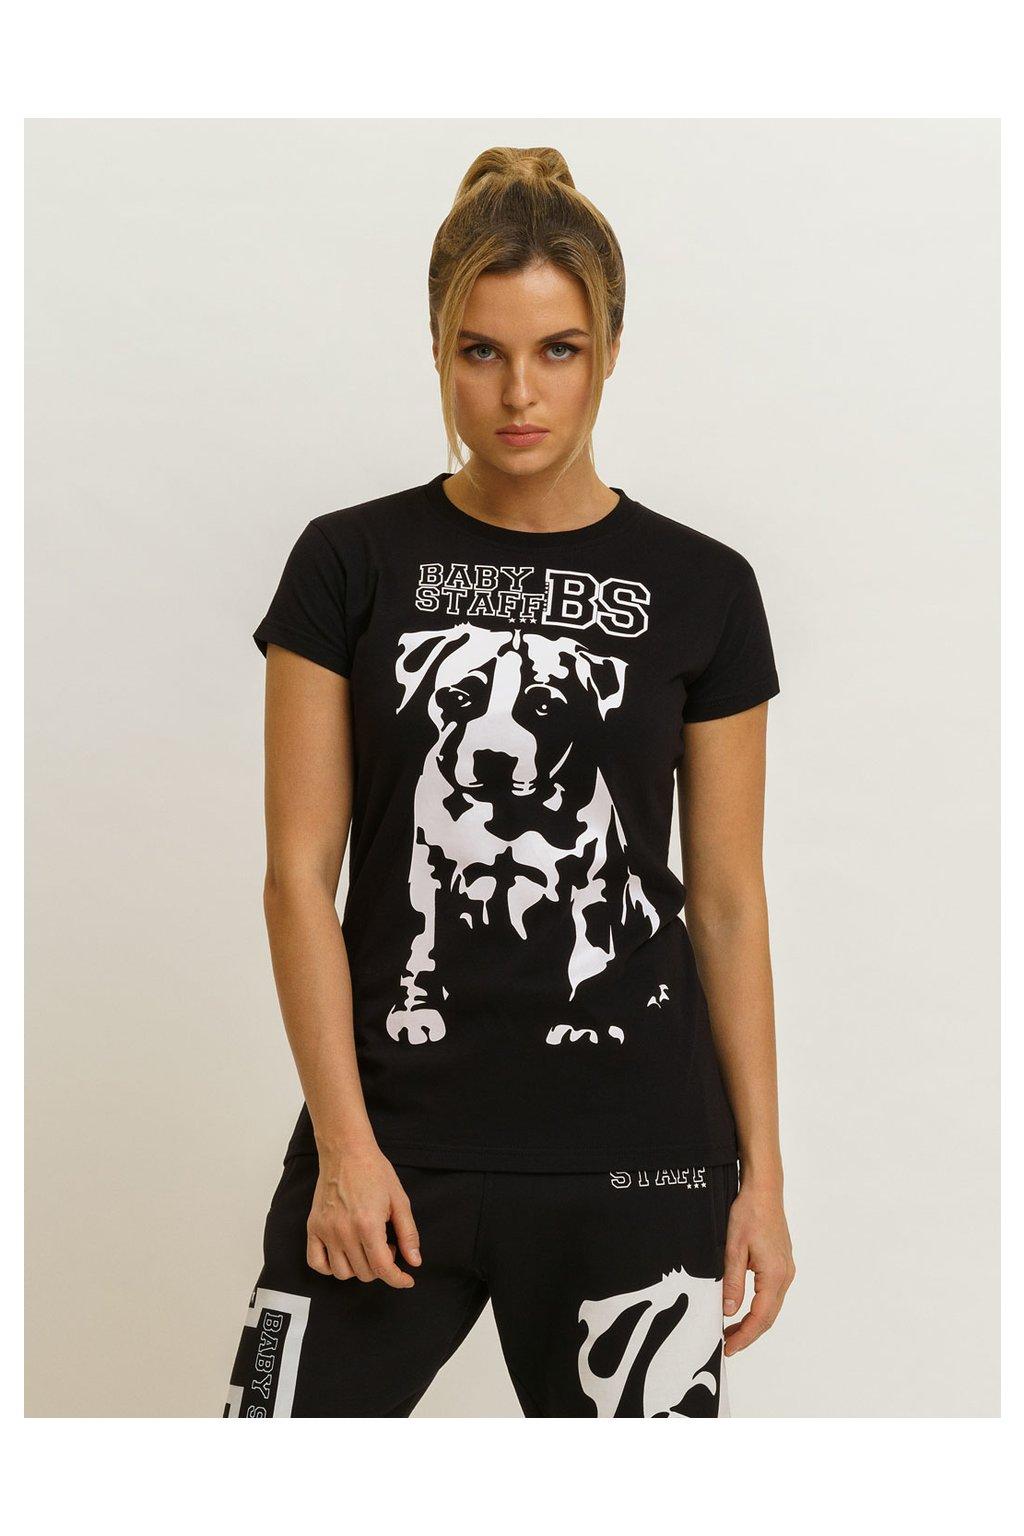 Babystaff dámské triko Puppy černé